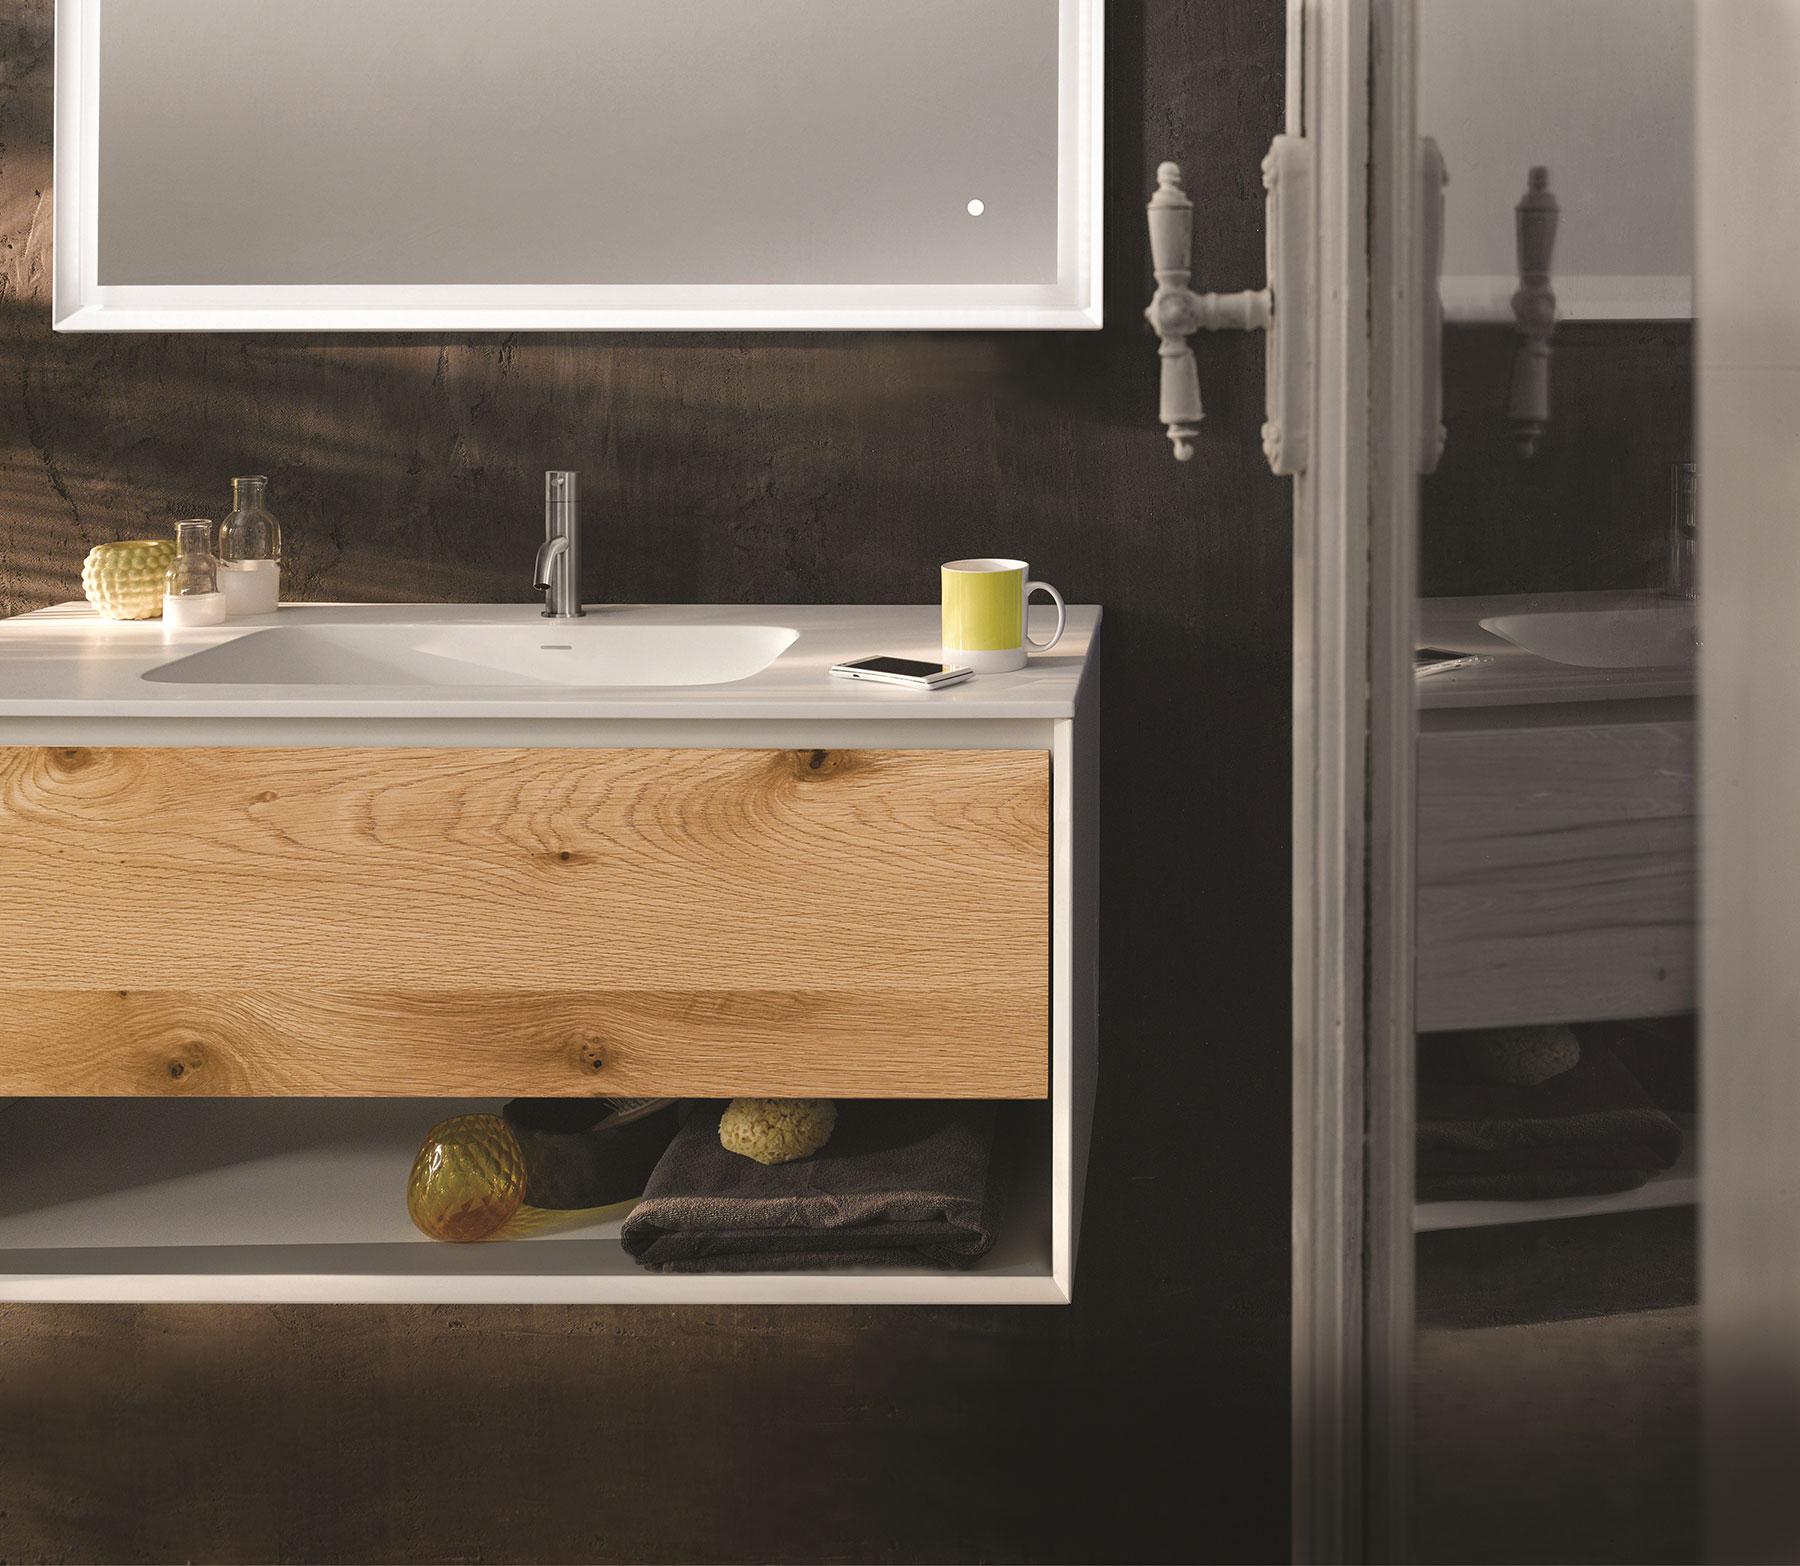 Modern 45 Degree Wall Mount Vanity w/ Open Shelf Series 900